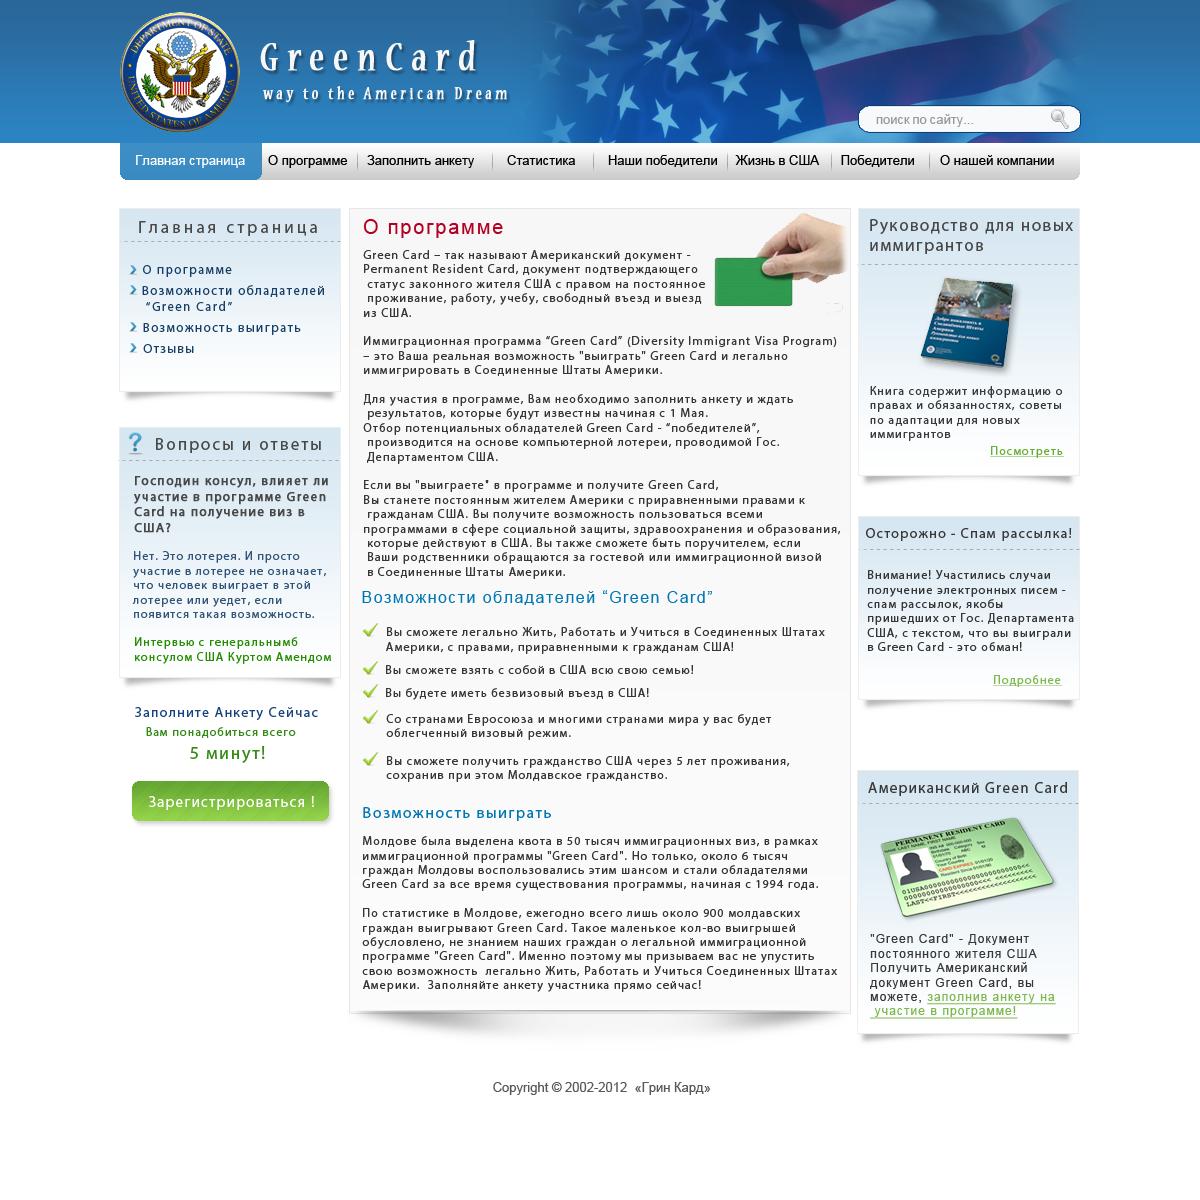 Сайт компании Green Card - Дизайн, верстка, натяжка на Drupal 7 и его настройка